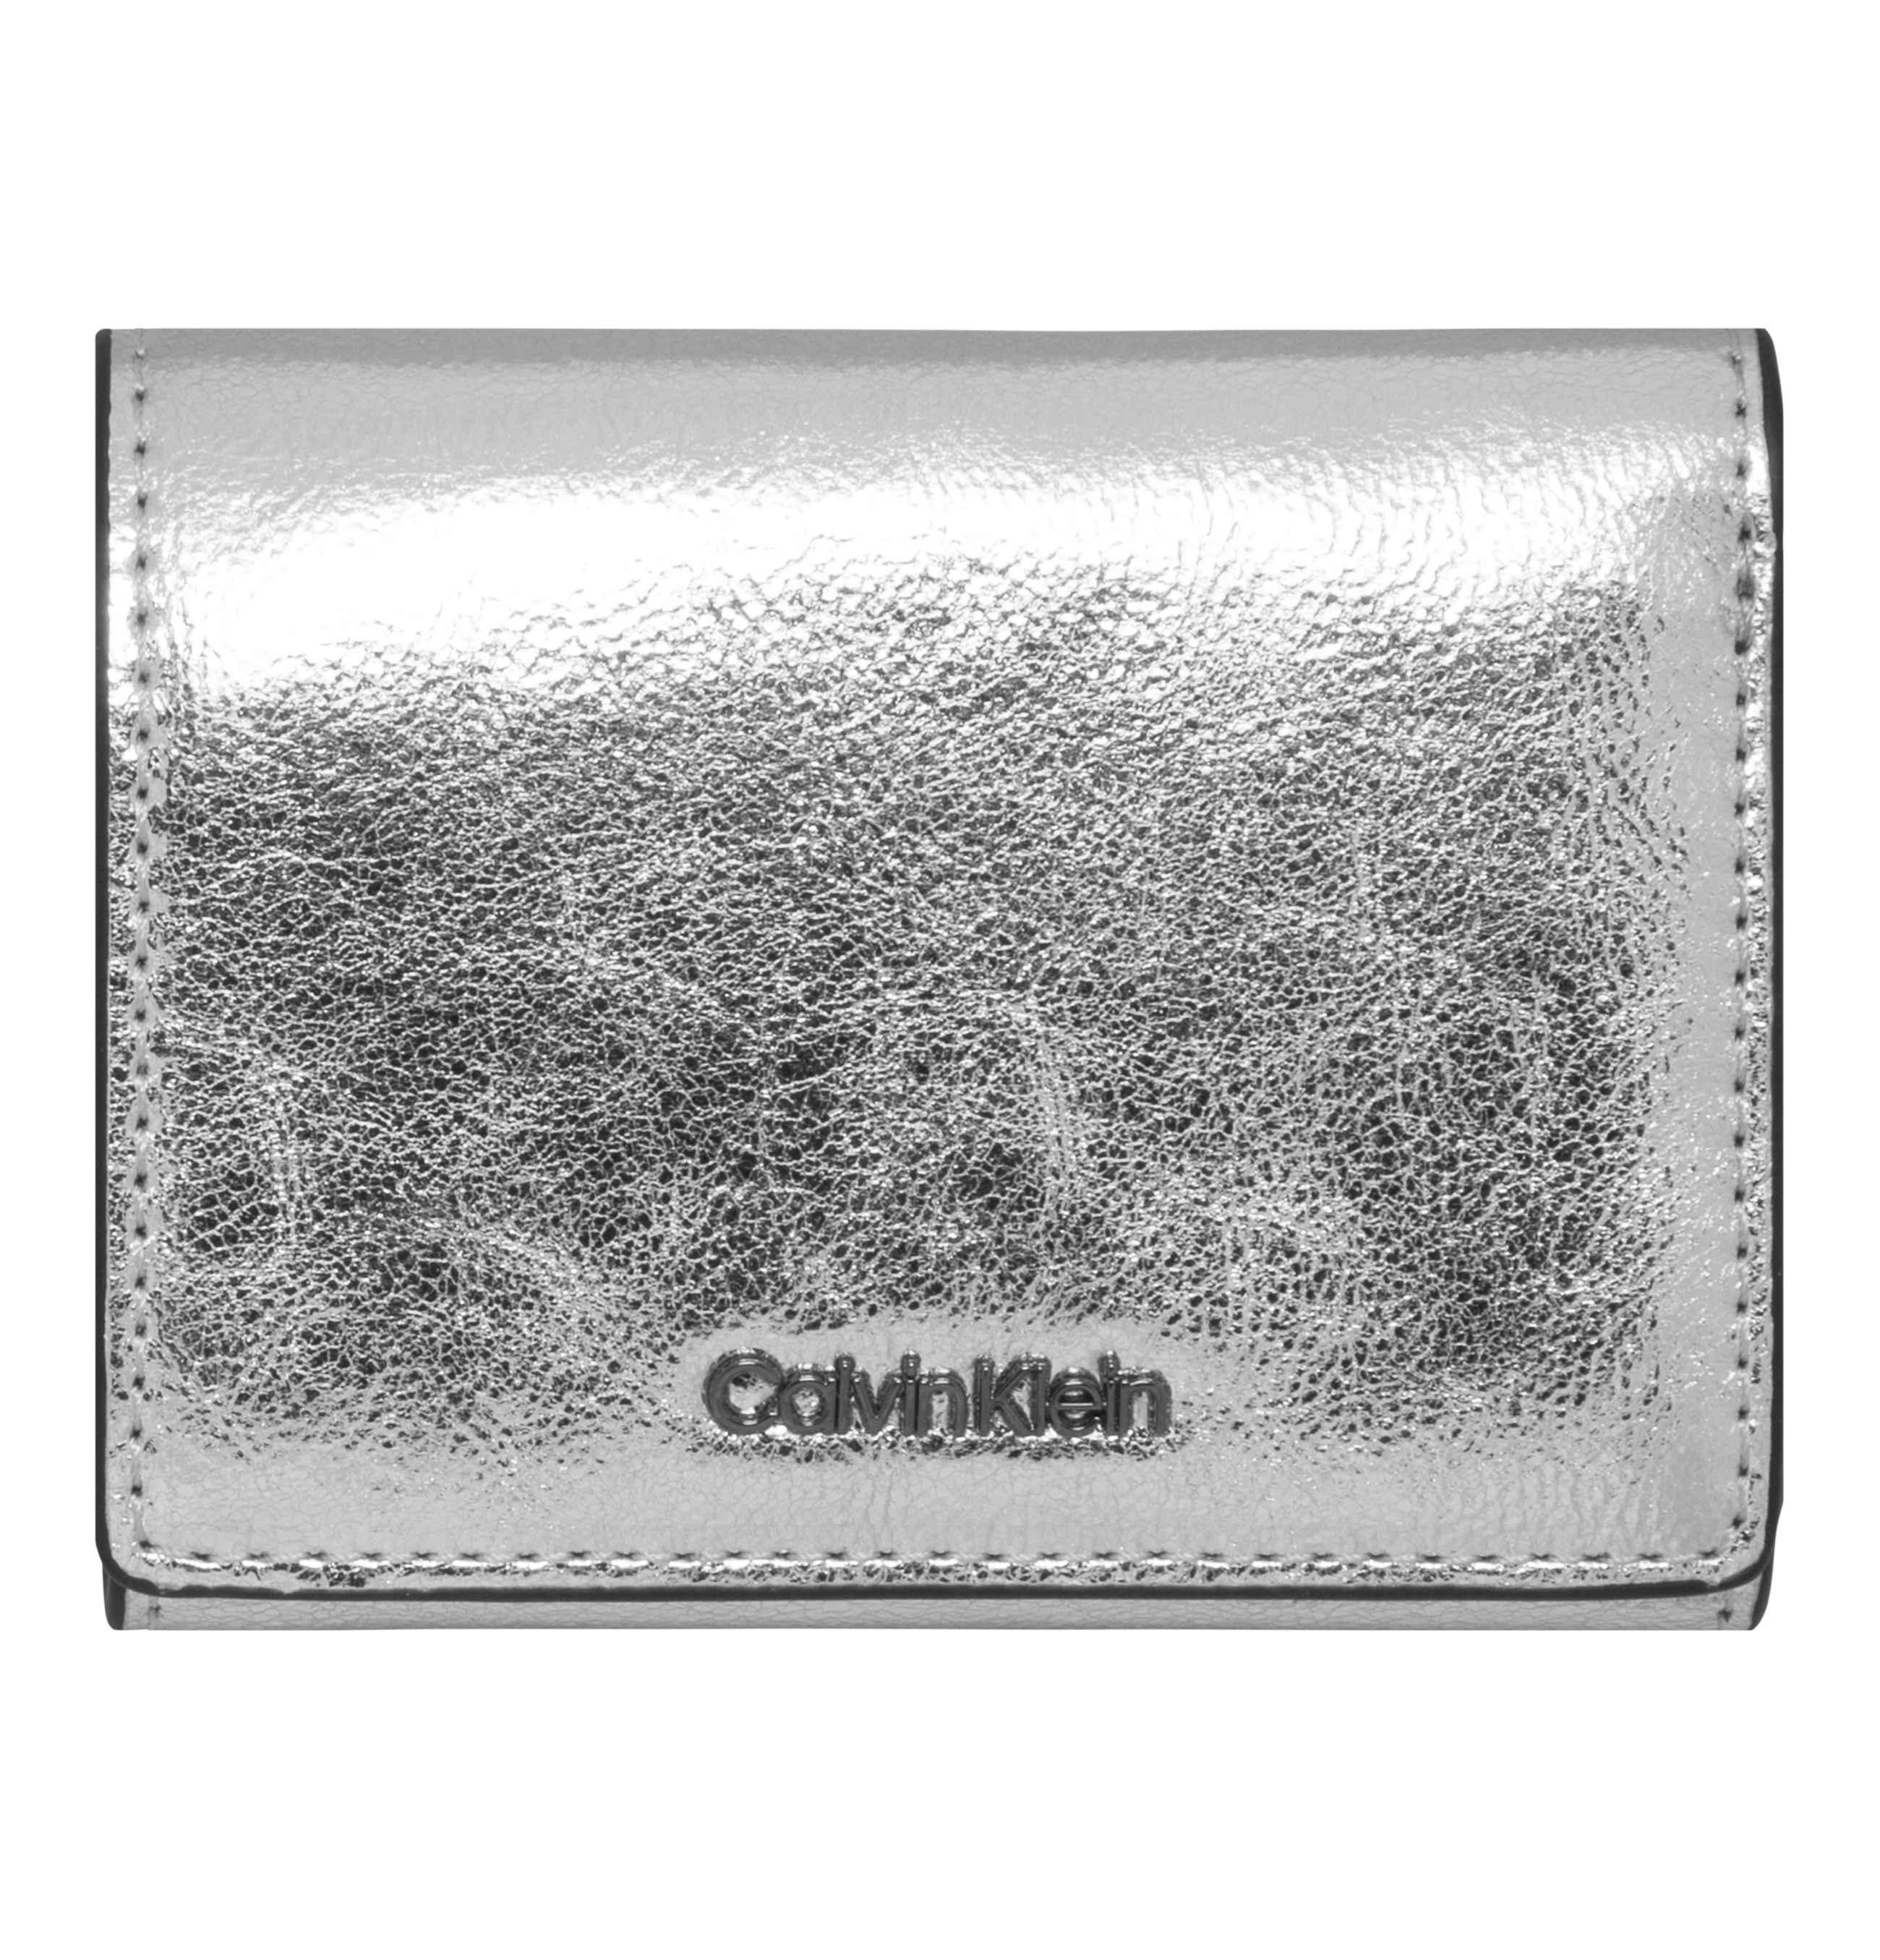 9fcbf59110d Calvin Klein Portemonnee in het Metallic - Lyst